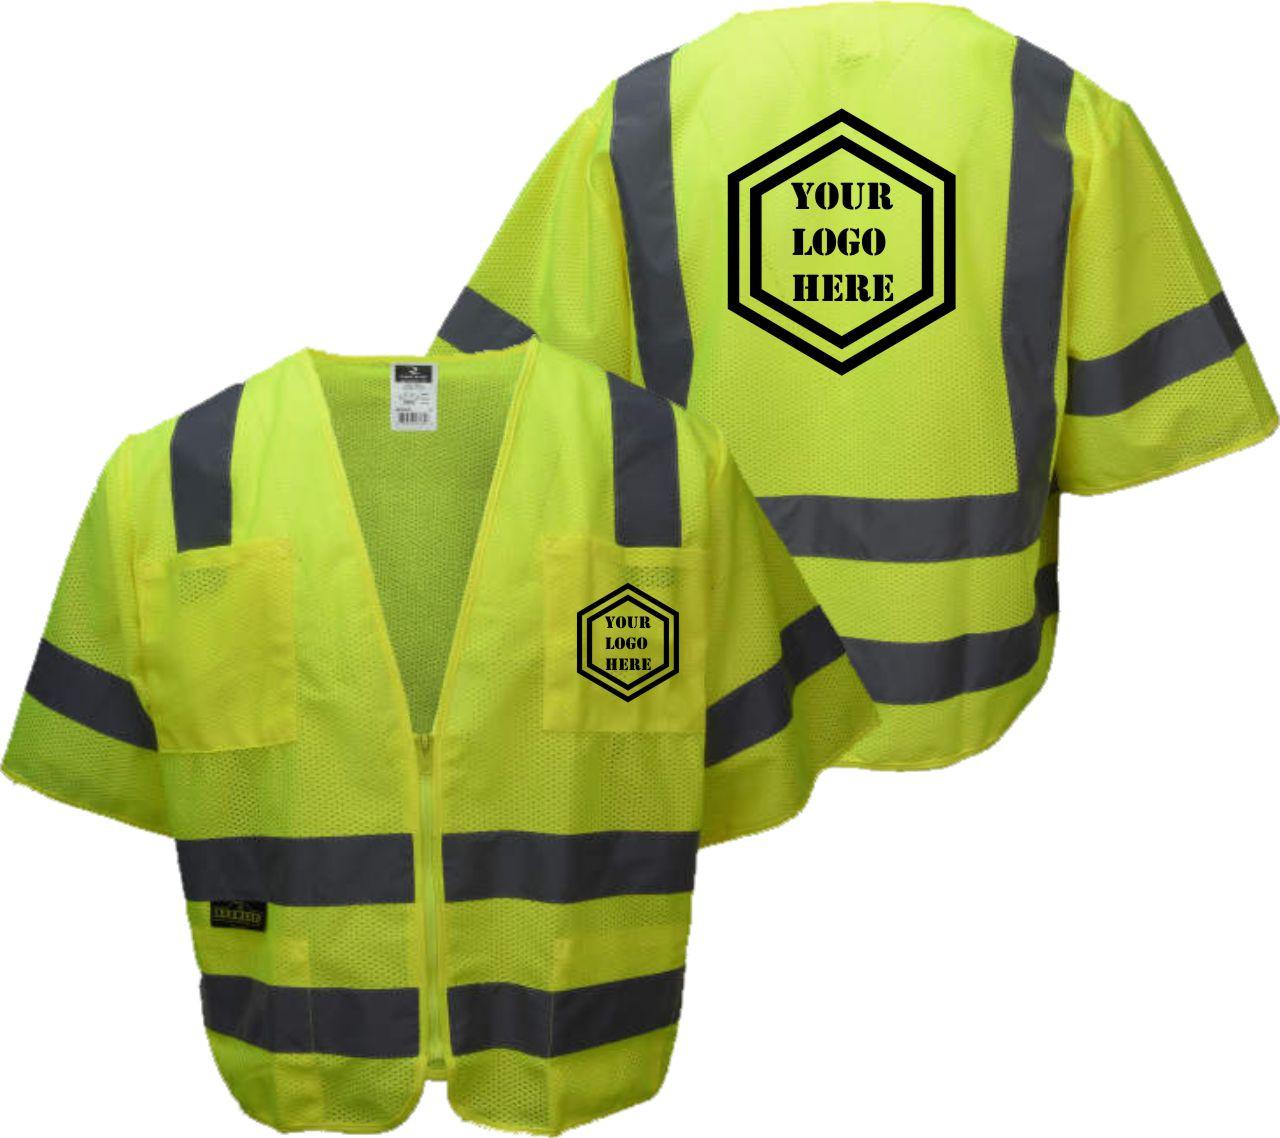 Custom Safety Green Vest Class 3 | Class 3 Printed Safety Vest | Logoed Safety Vest